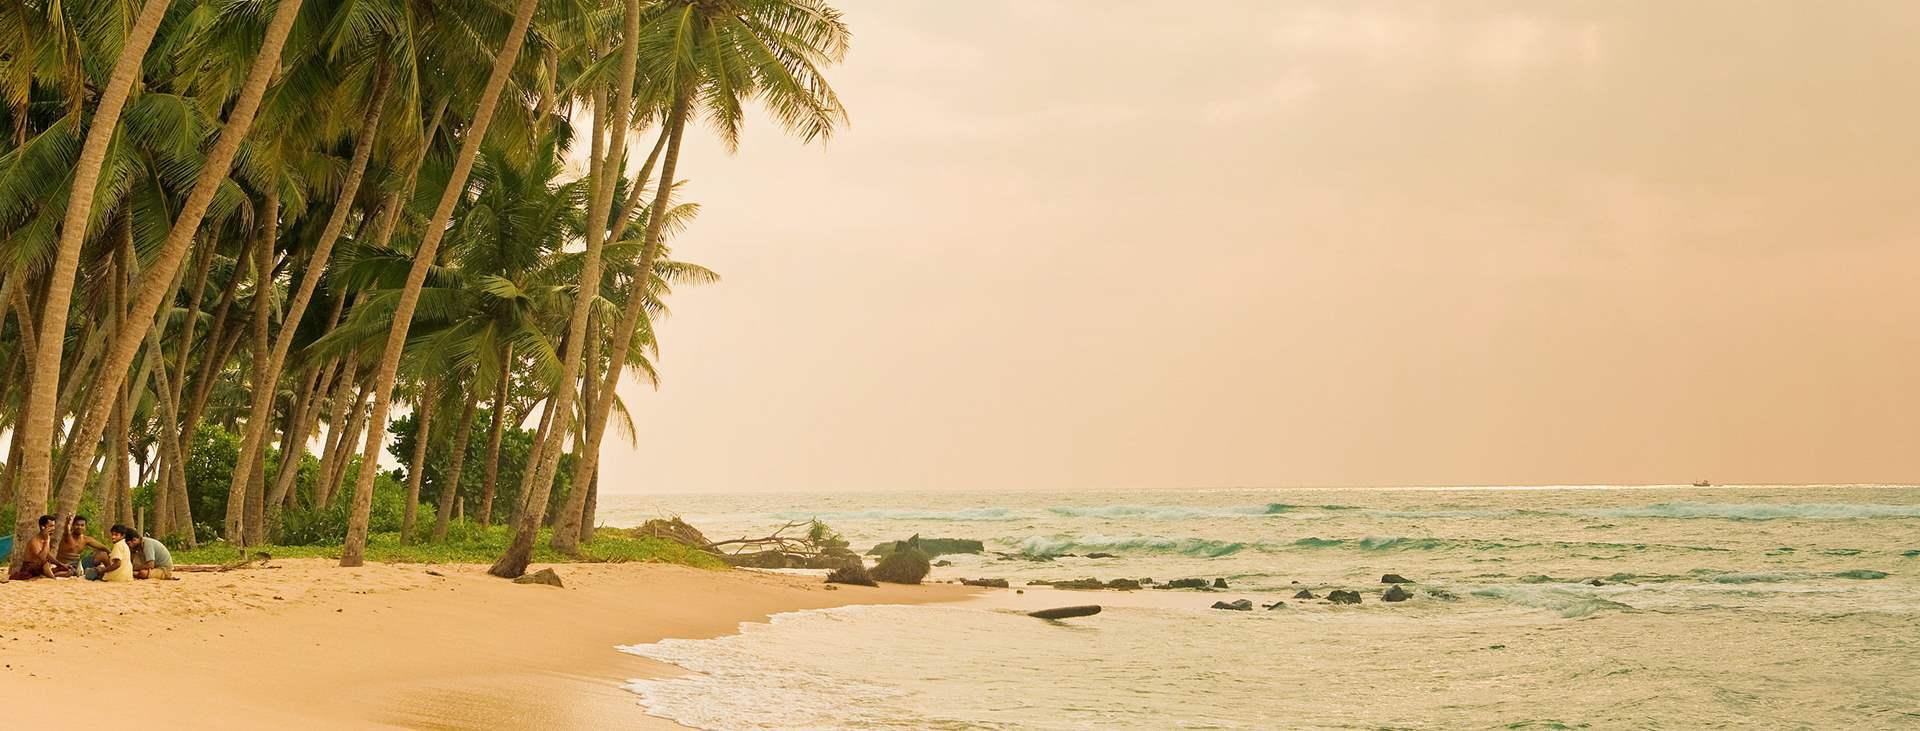 Boka en resa till Sri Lanka med Ving